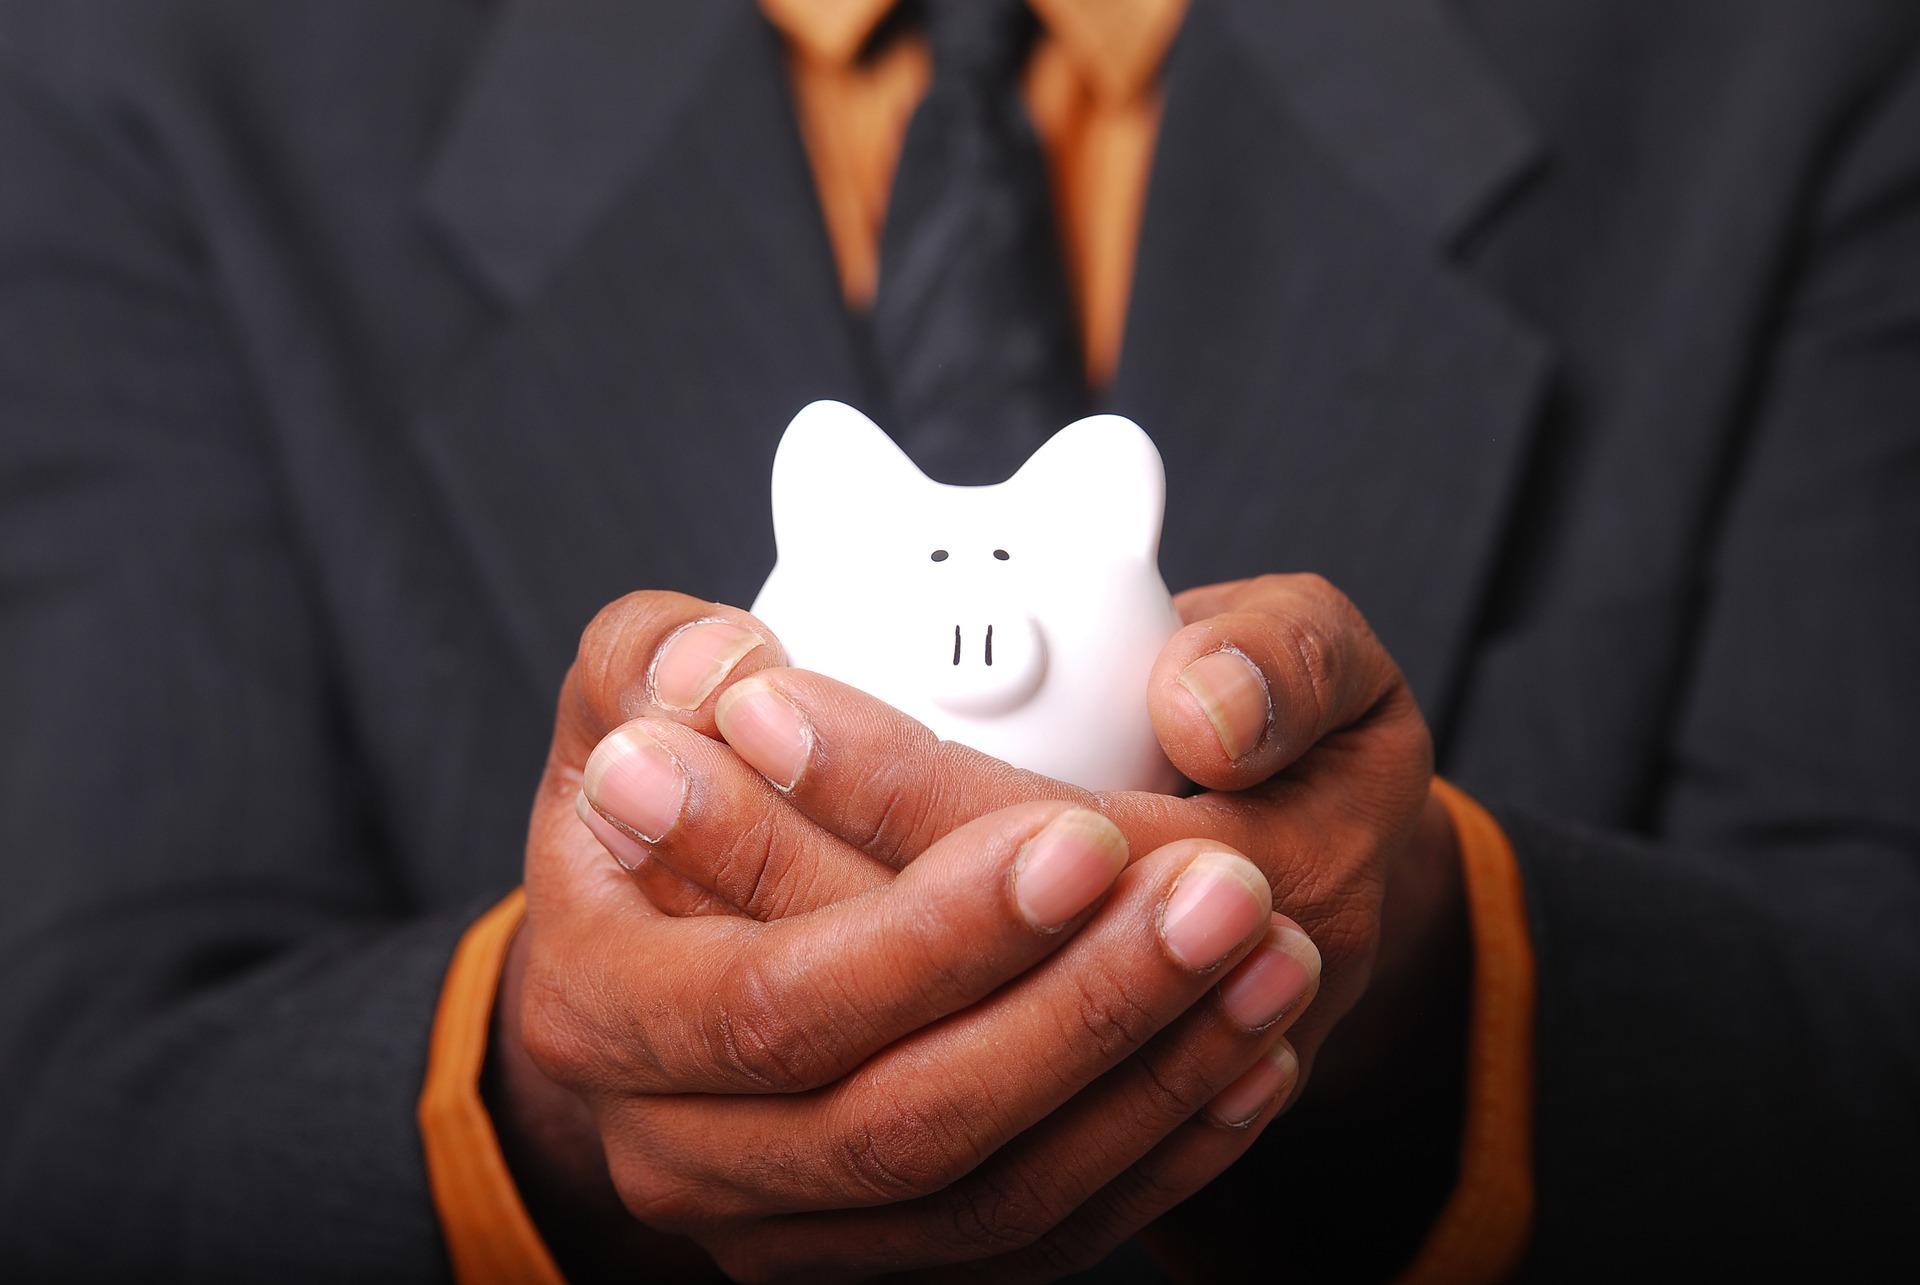 Crie o hábito de poupar, mesmo que seja pouco